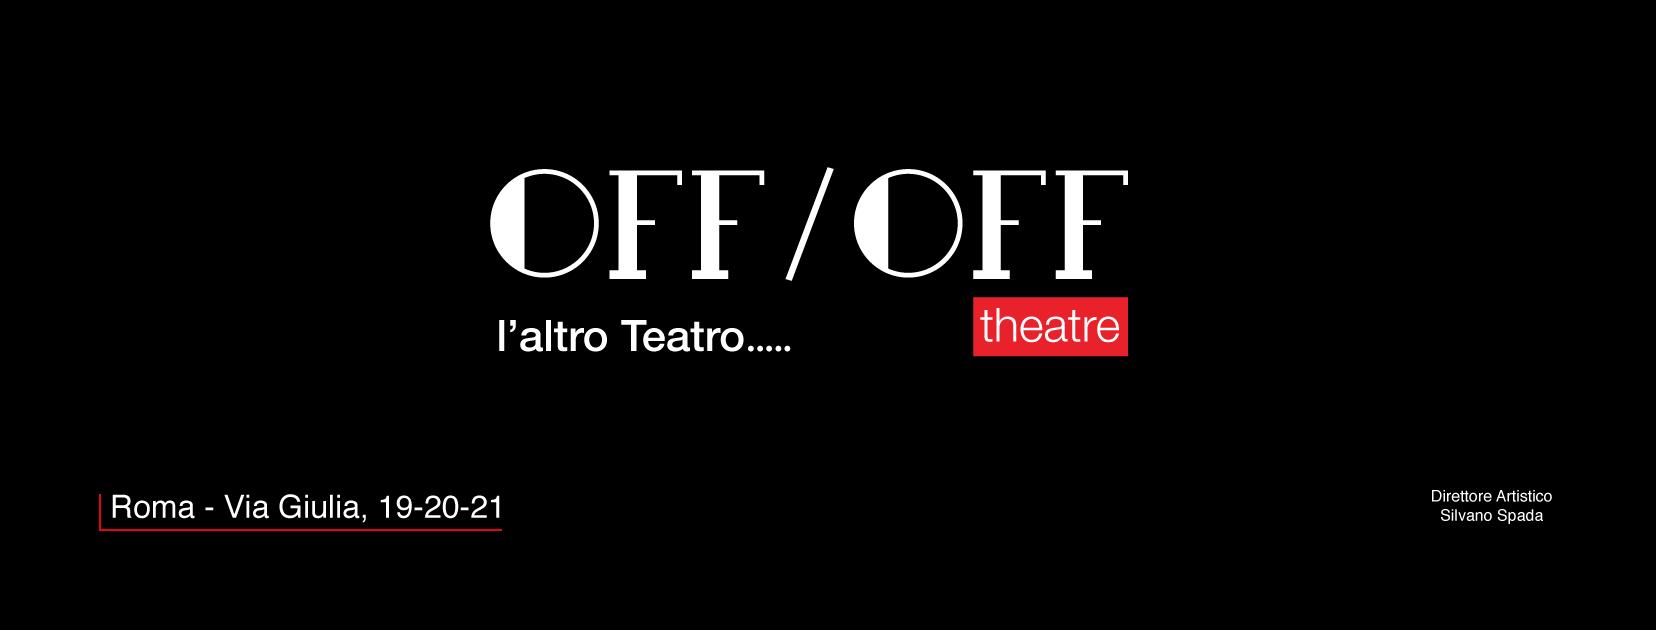 off/Off Theatre Roma